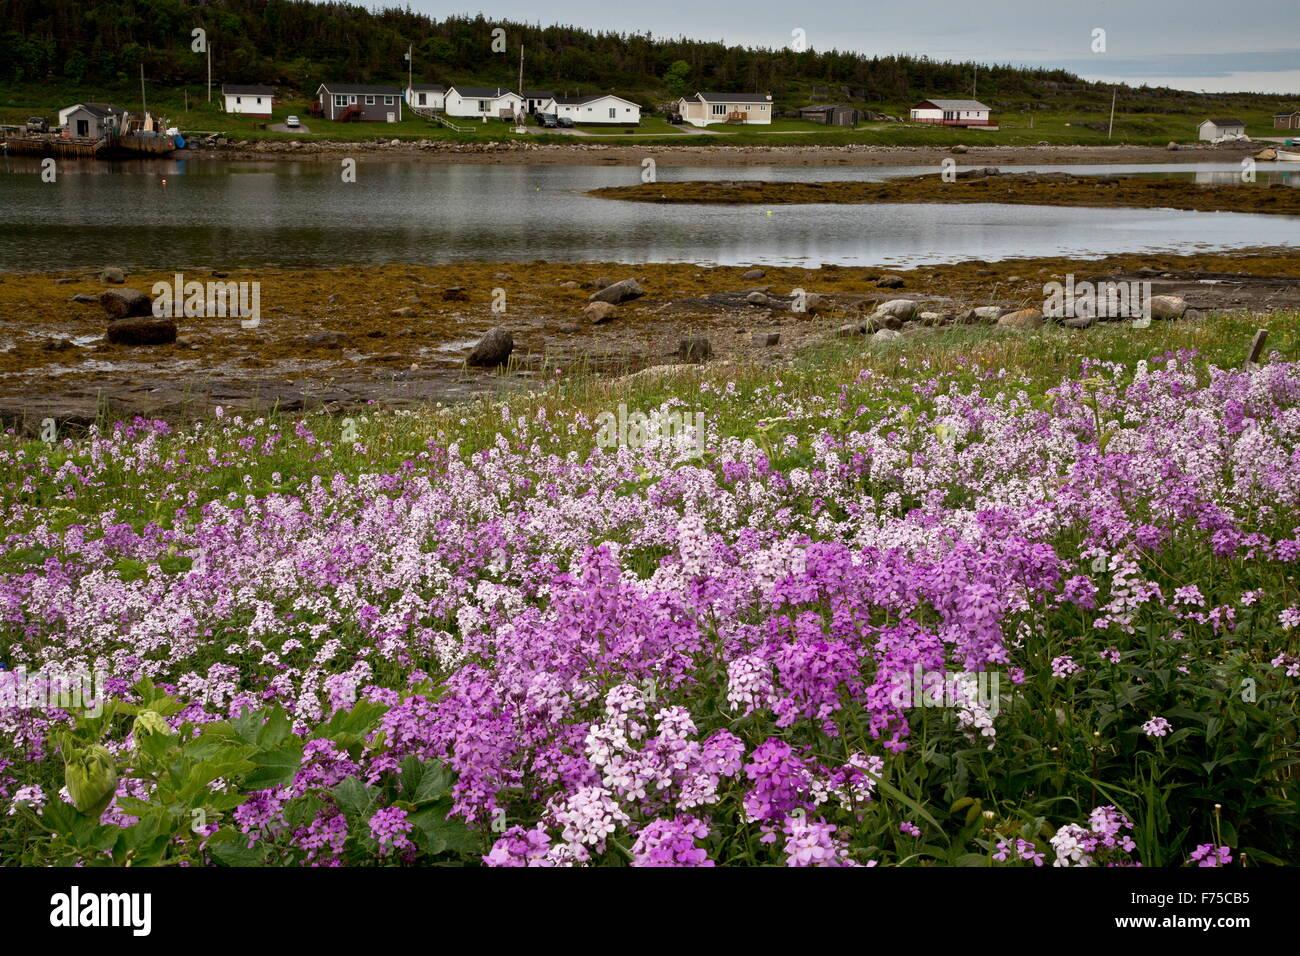 La Dame naturalisés Violet, en masse sur la côte à Port aux Choix, à Terre-Neuve. Photo Stock